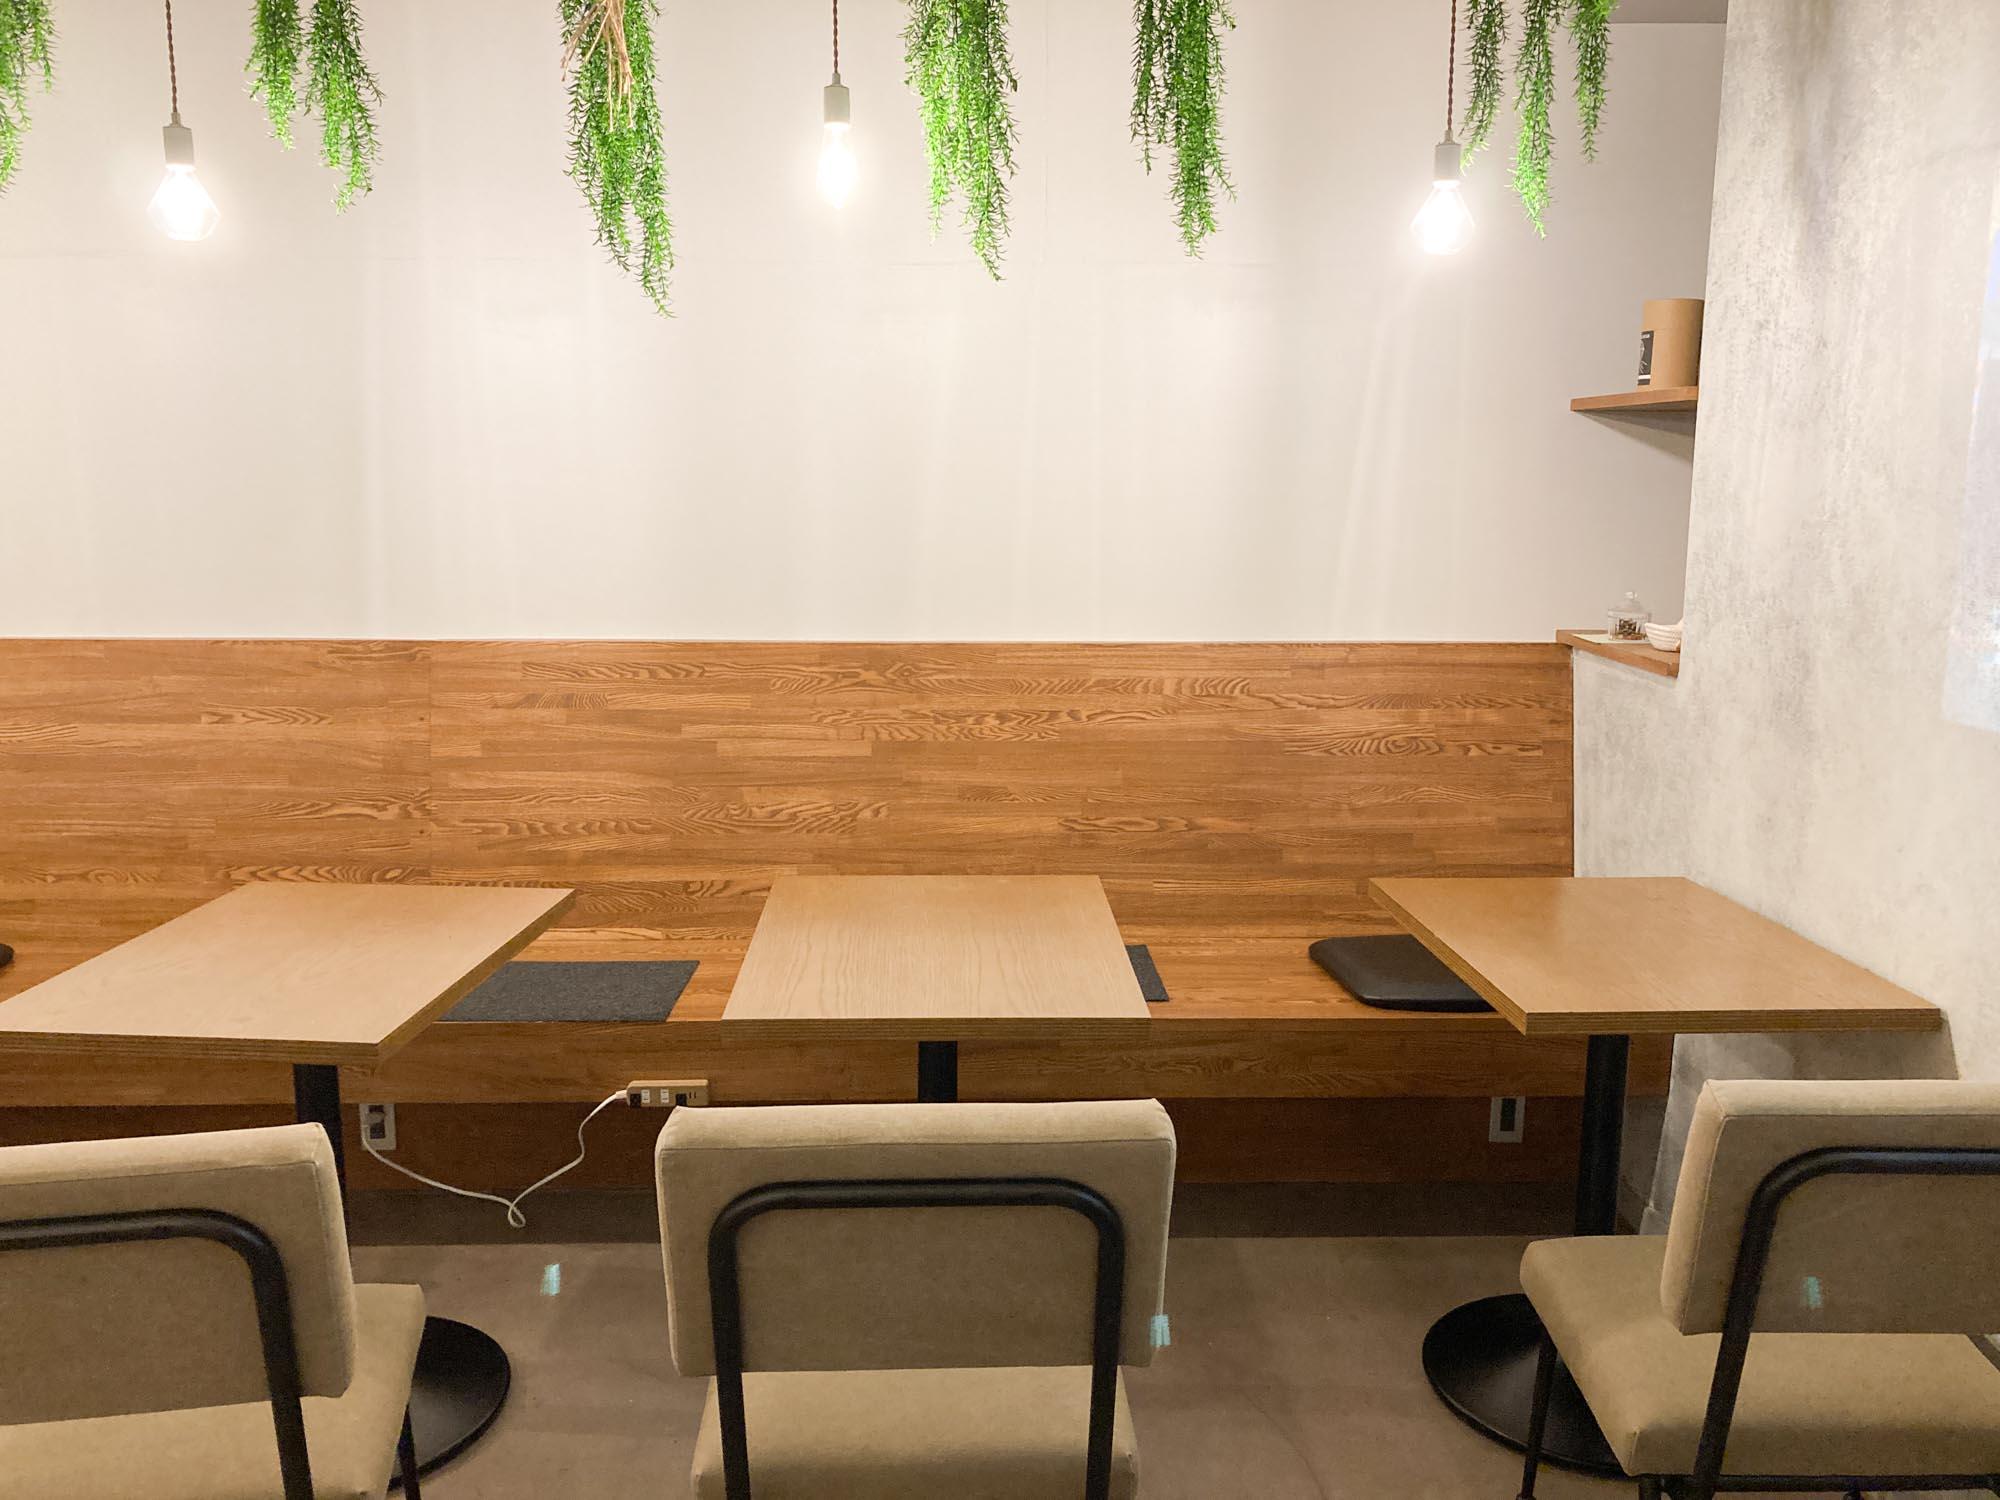 個室内で集中できないときは、こちらでお仕事を。カフェがわりに使えるスペースがあると嬉しいですよね。